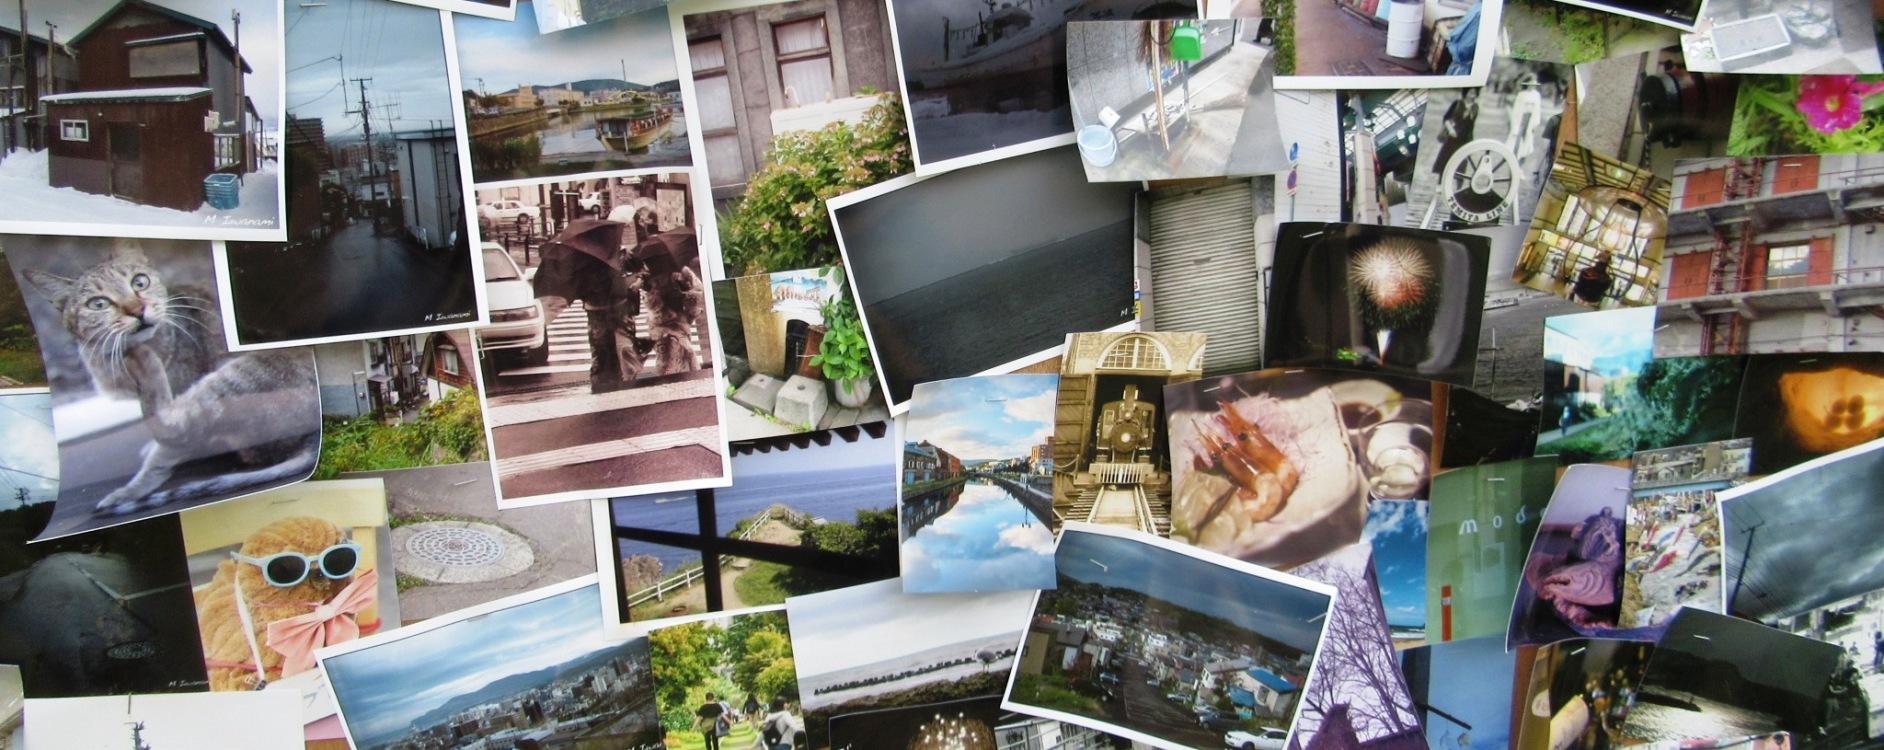 2601) ②「小樽・鉄路・写真展 18th 2018」 小樽旧手宮線跡地 9月3日(月)~9月17日(月・祝)  _f0126829_21295390.jpg